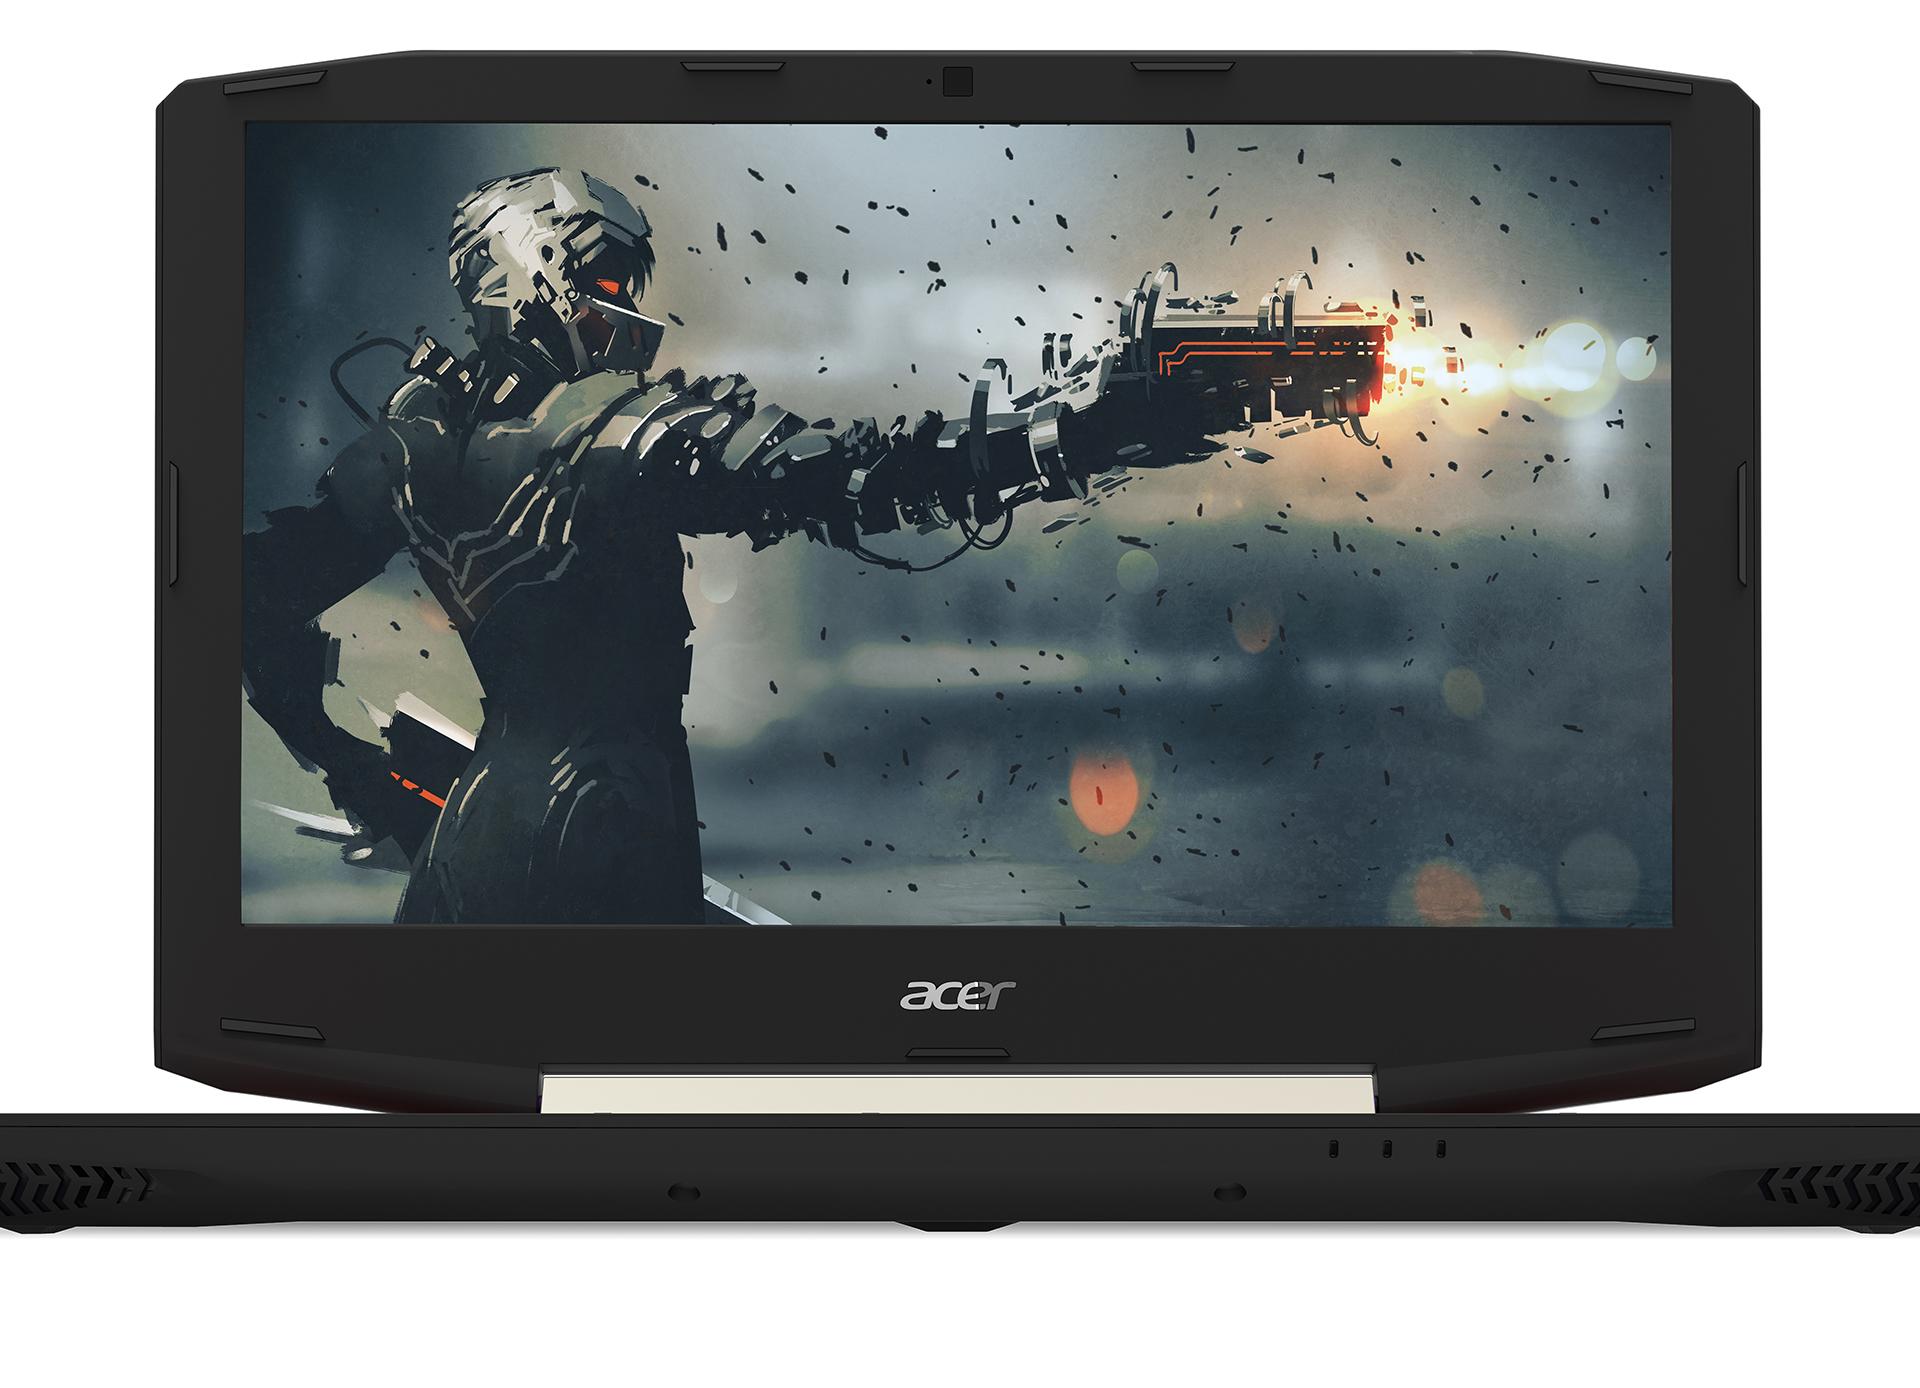 Aspire VX15 - Lightning Fast Graphics ksp - Large